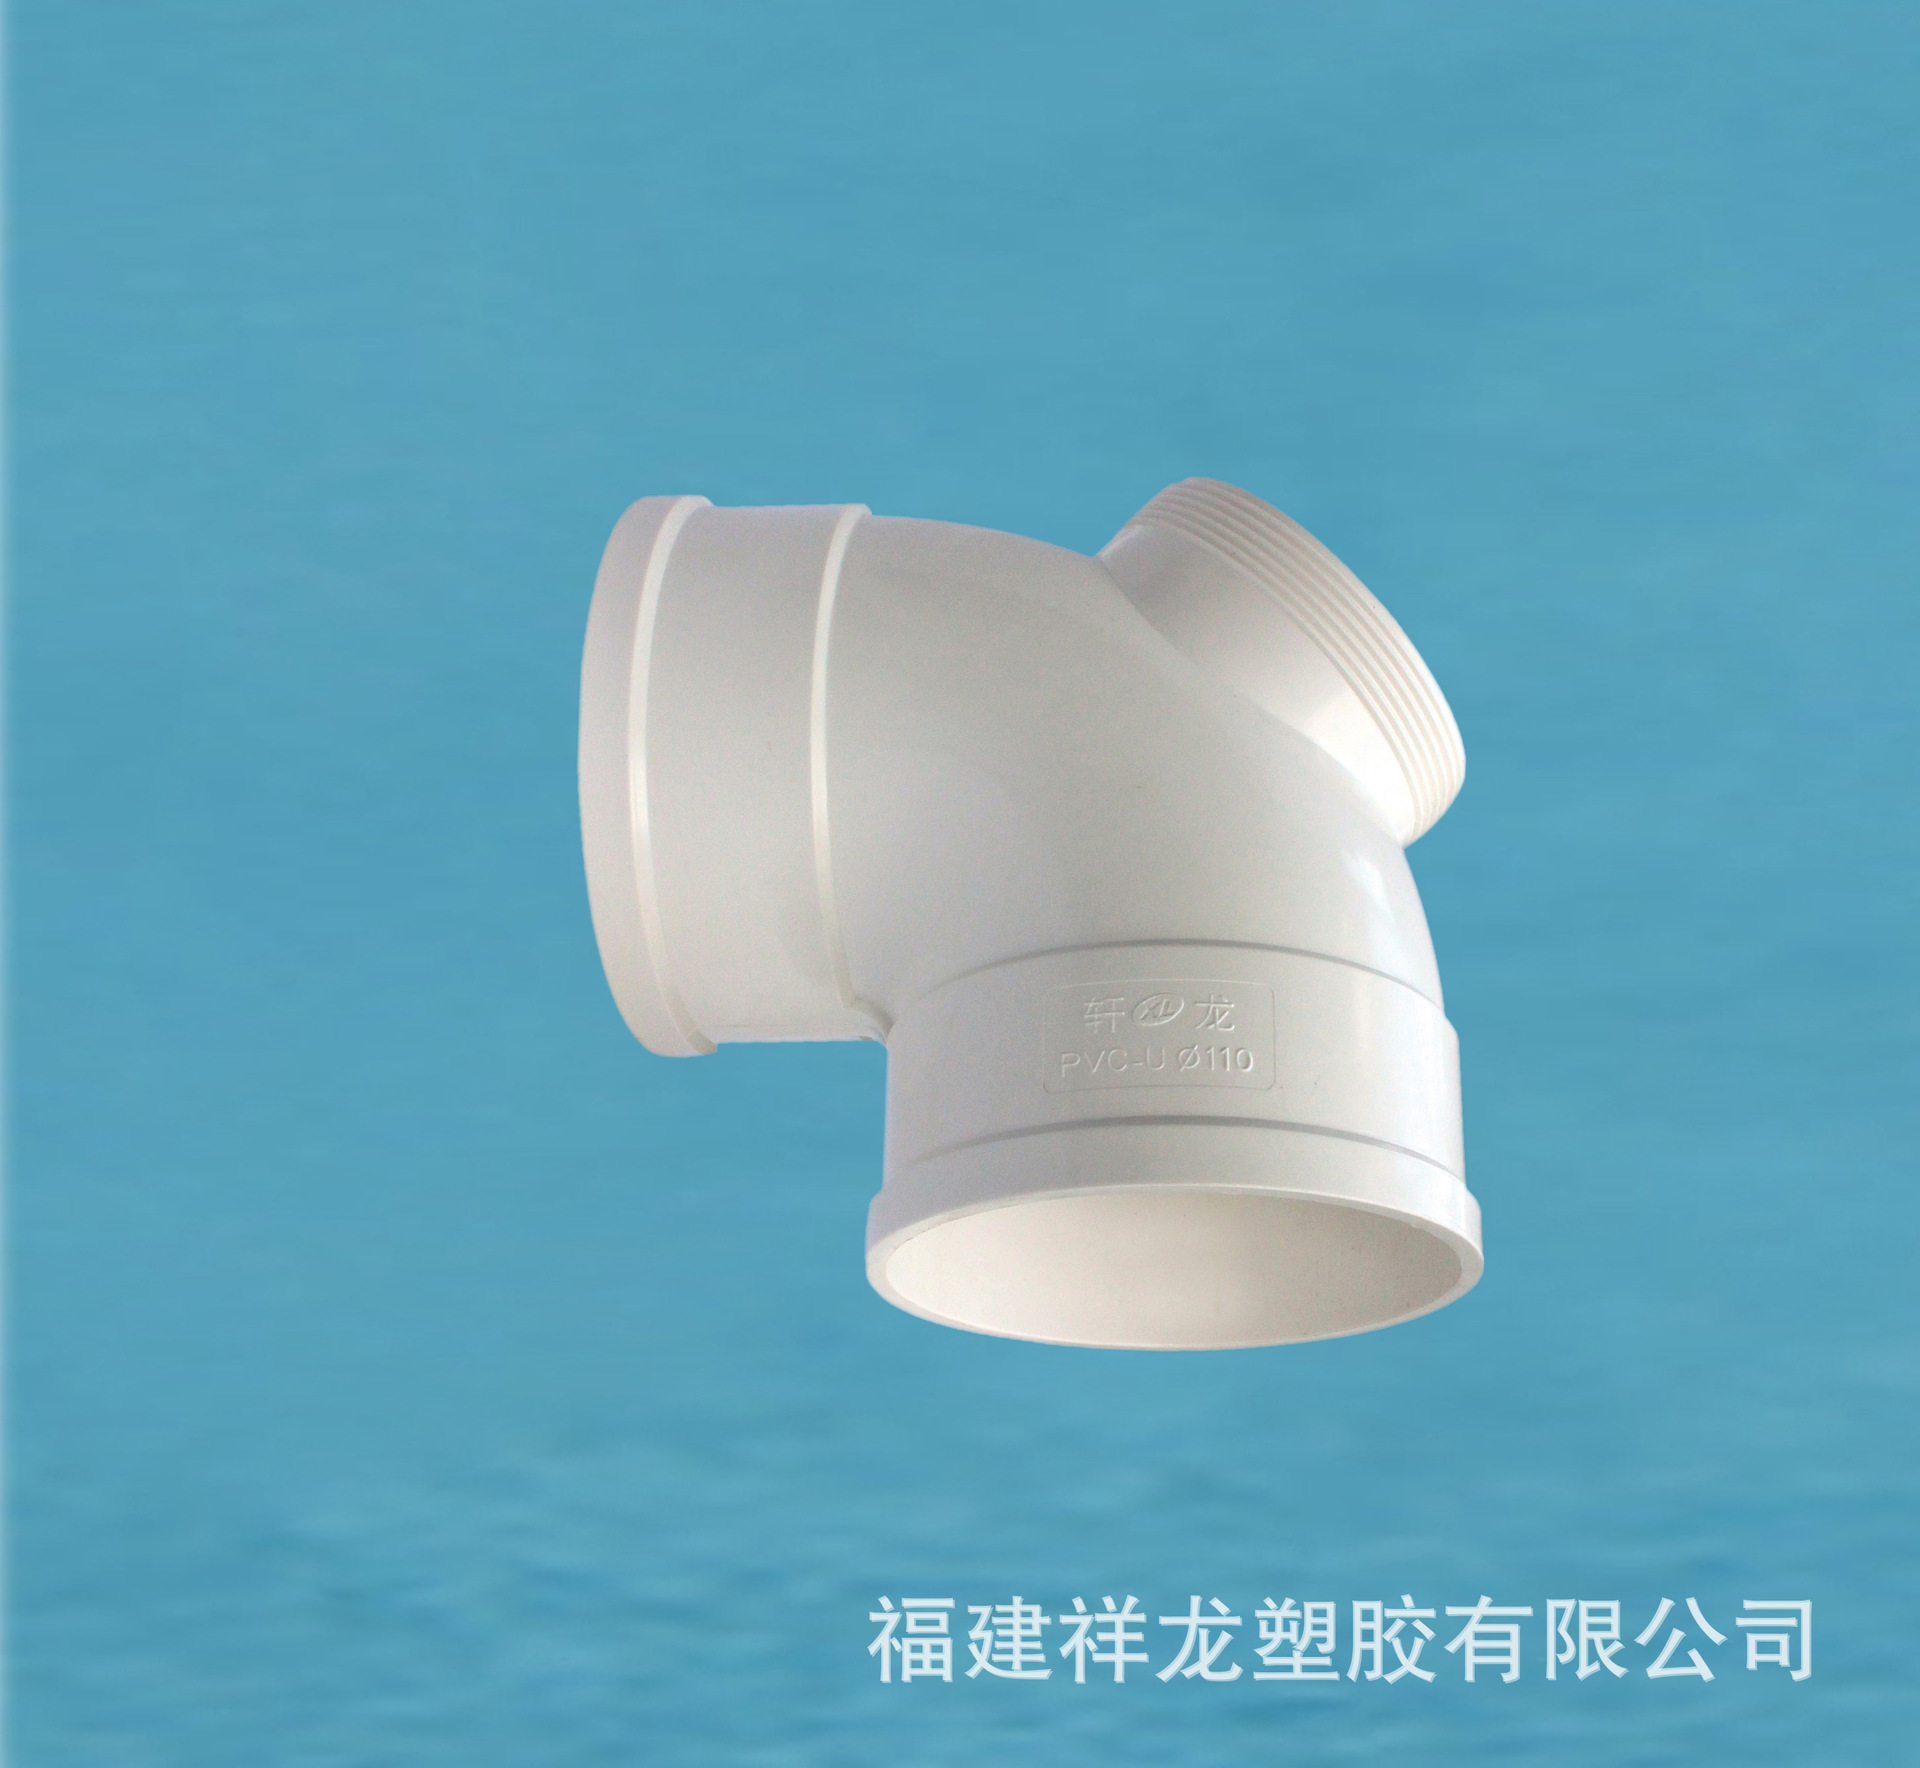 pvc u排水管件 牌排水管件 轩龙牌PVC U排水管件 带口90.弯头 阿里巴巴